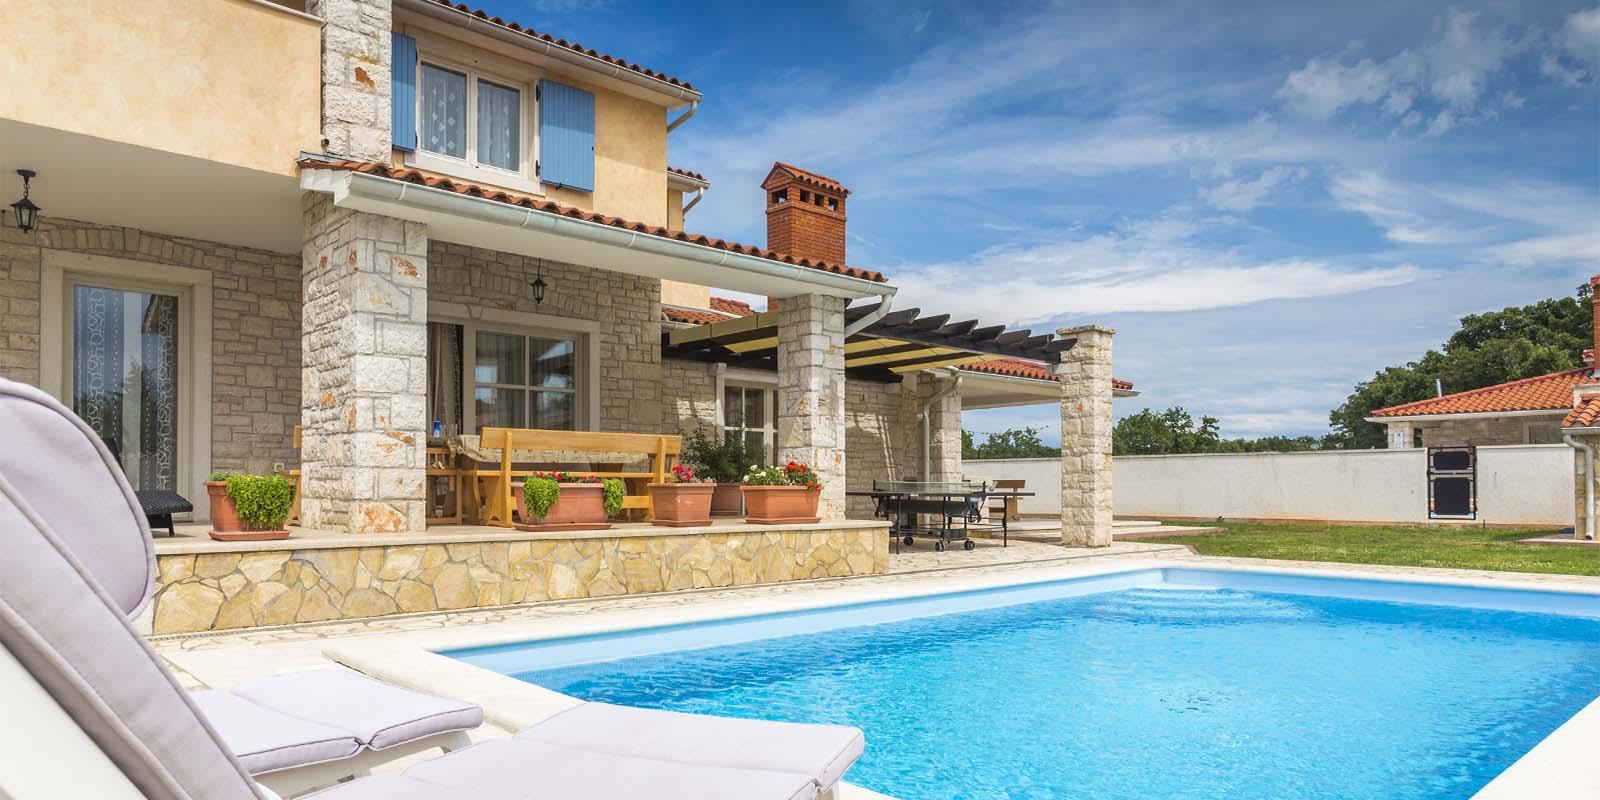 Holiday Villa in Kalkan, Turkey